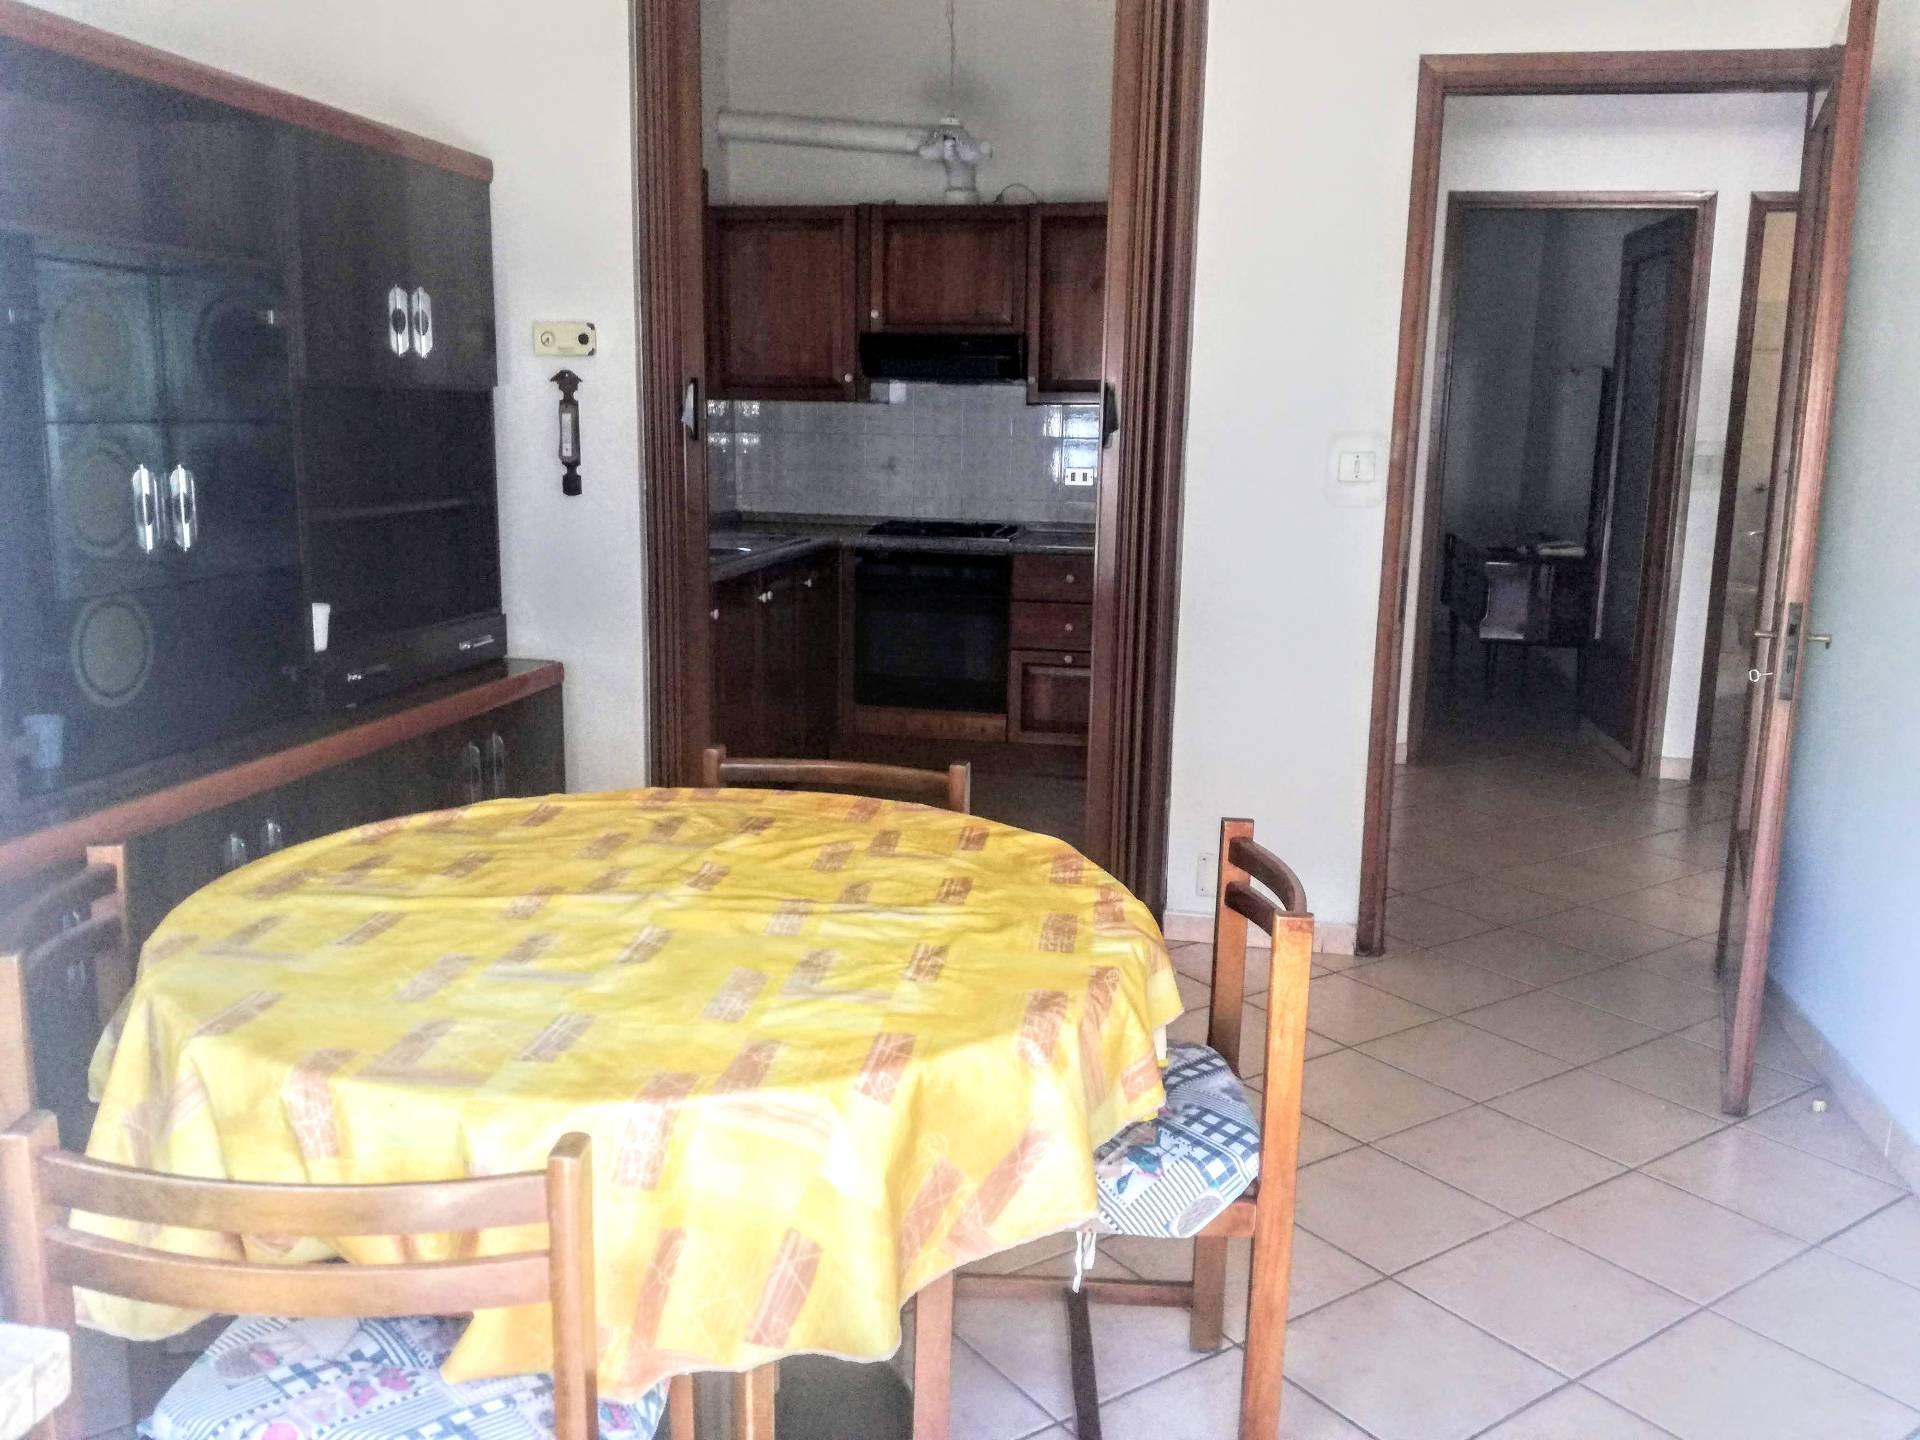 Appartamento in affitto a Ozzano Monferrato, 3 locali, prezzo € 330 | CambioCasa.it